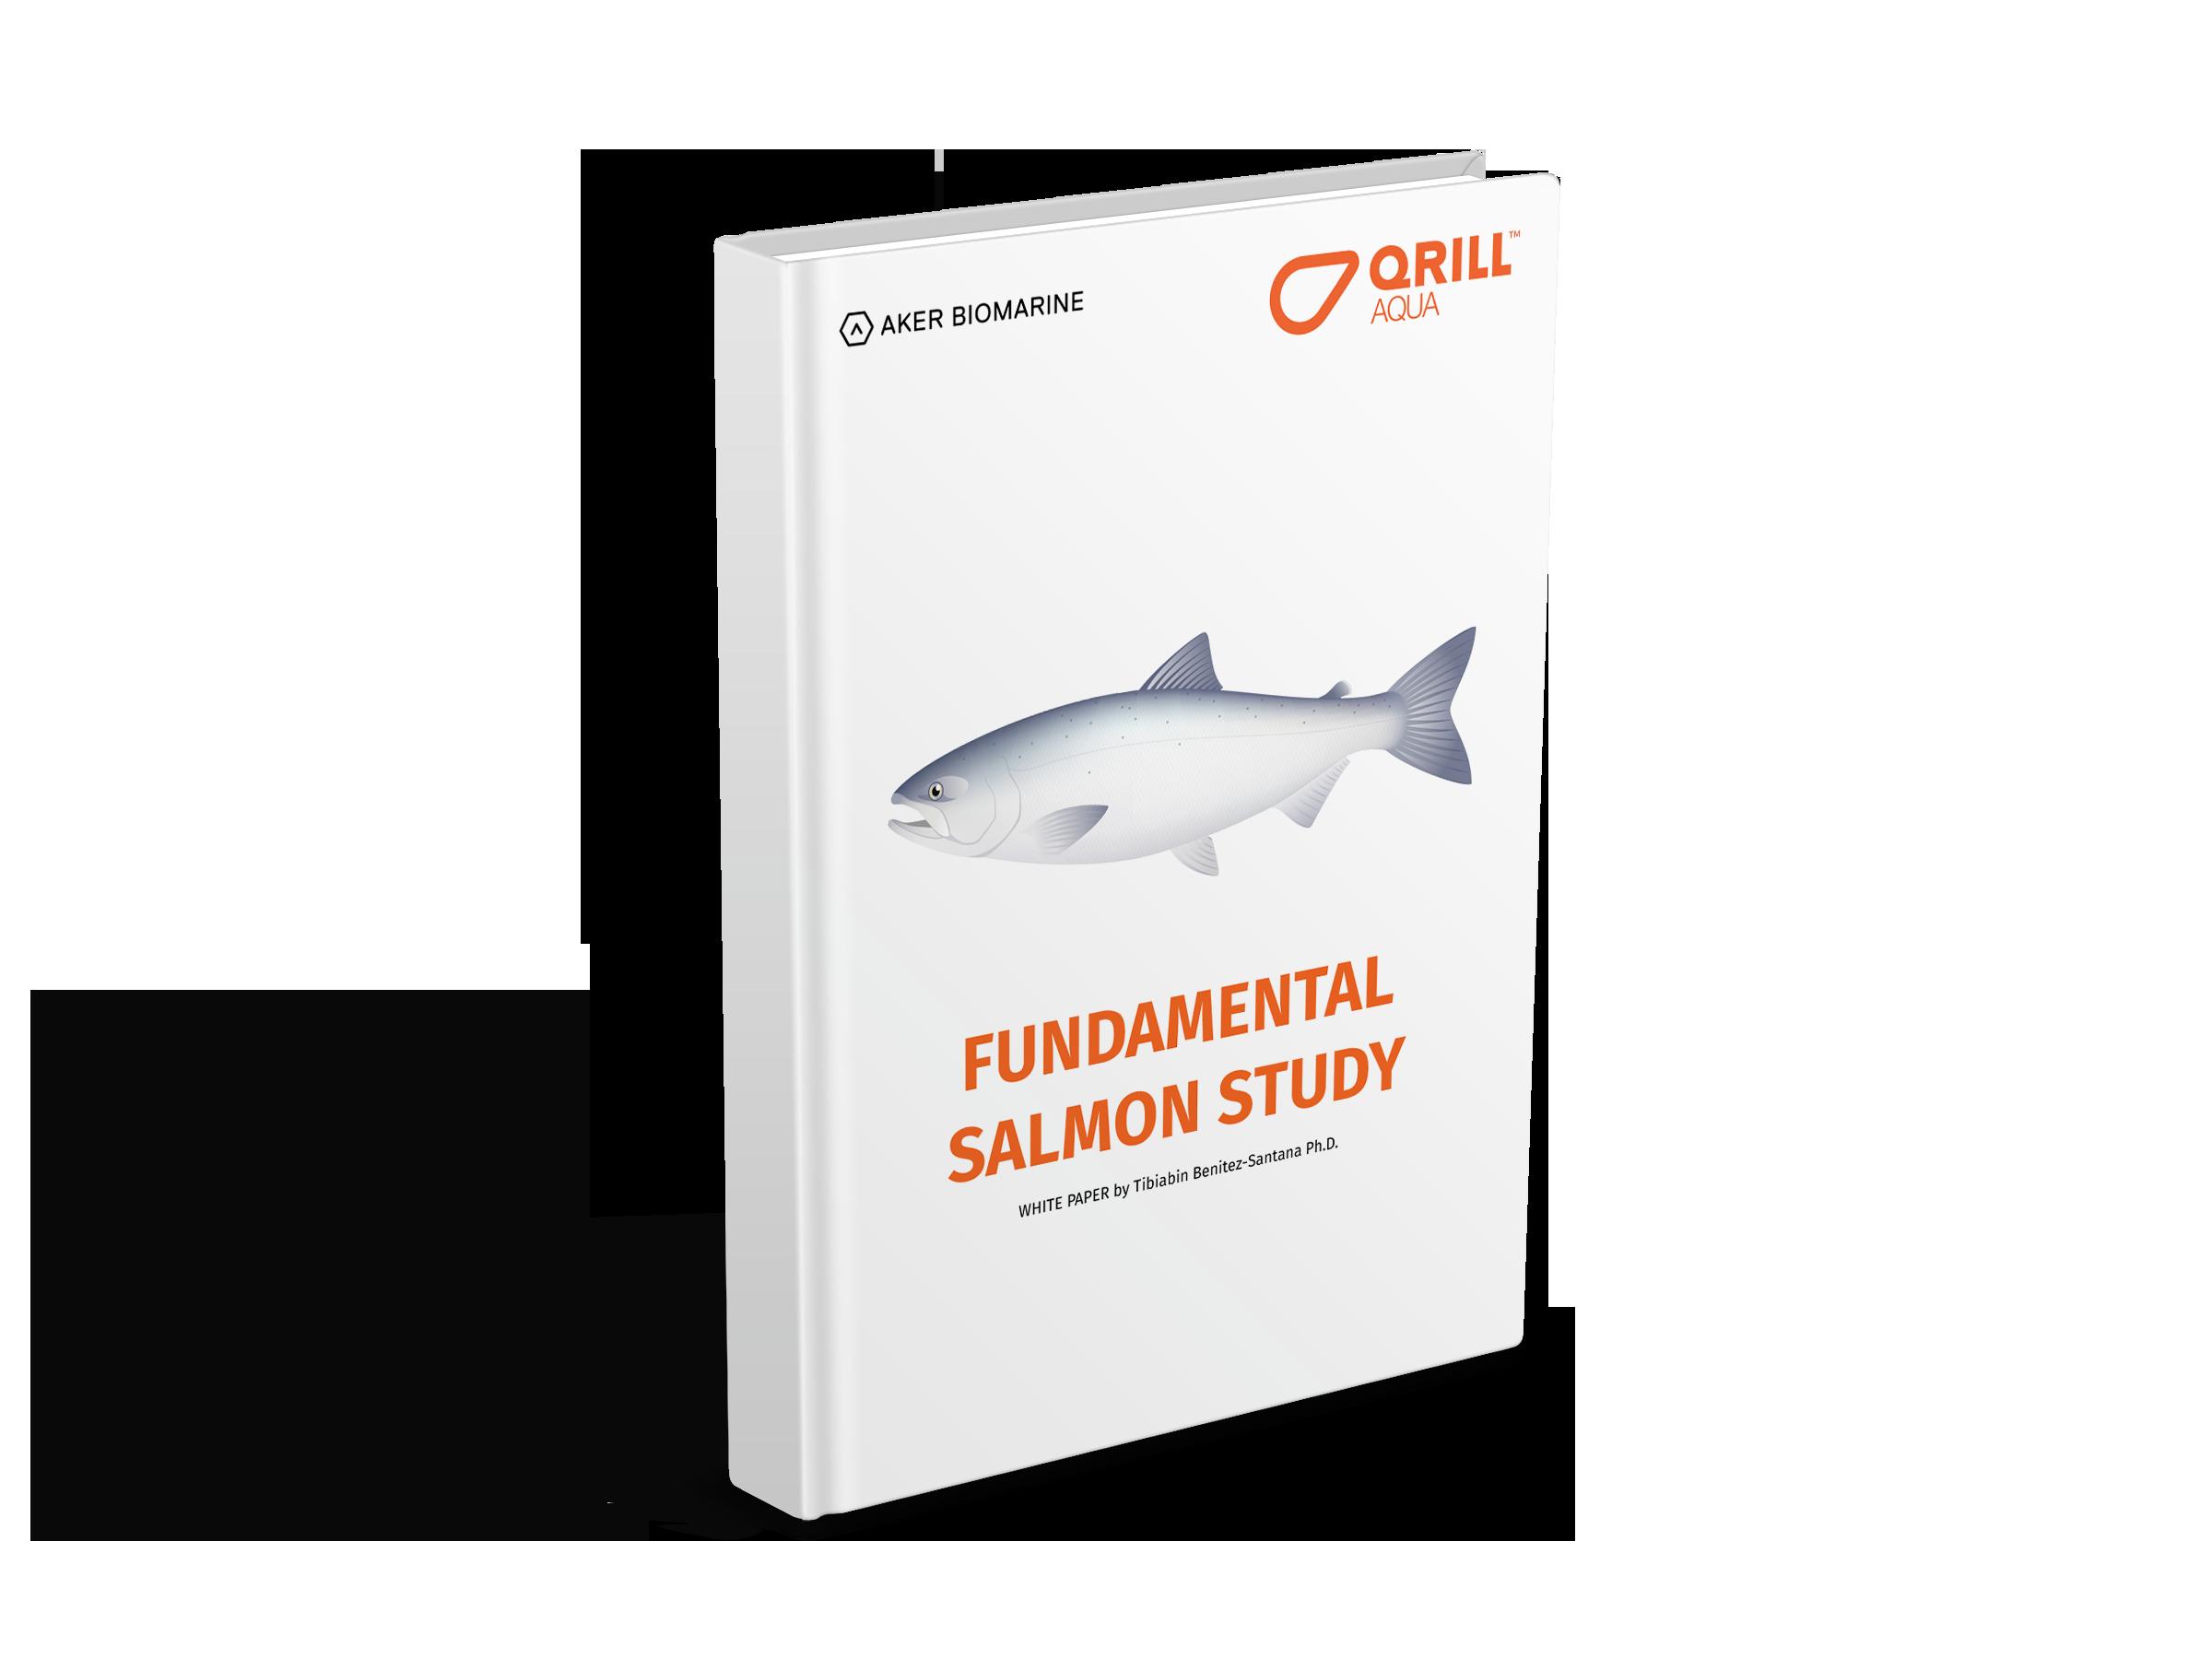 QRILL Aqua_EN_Fundamental salmon study_Booklet 2